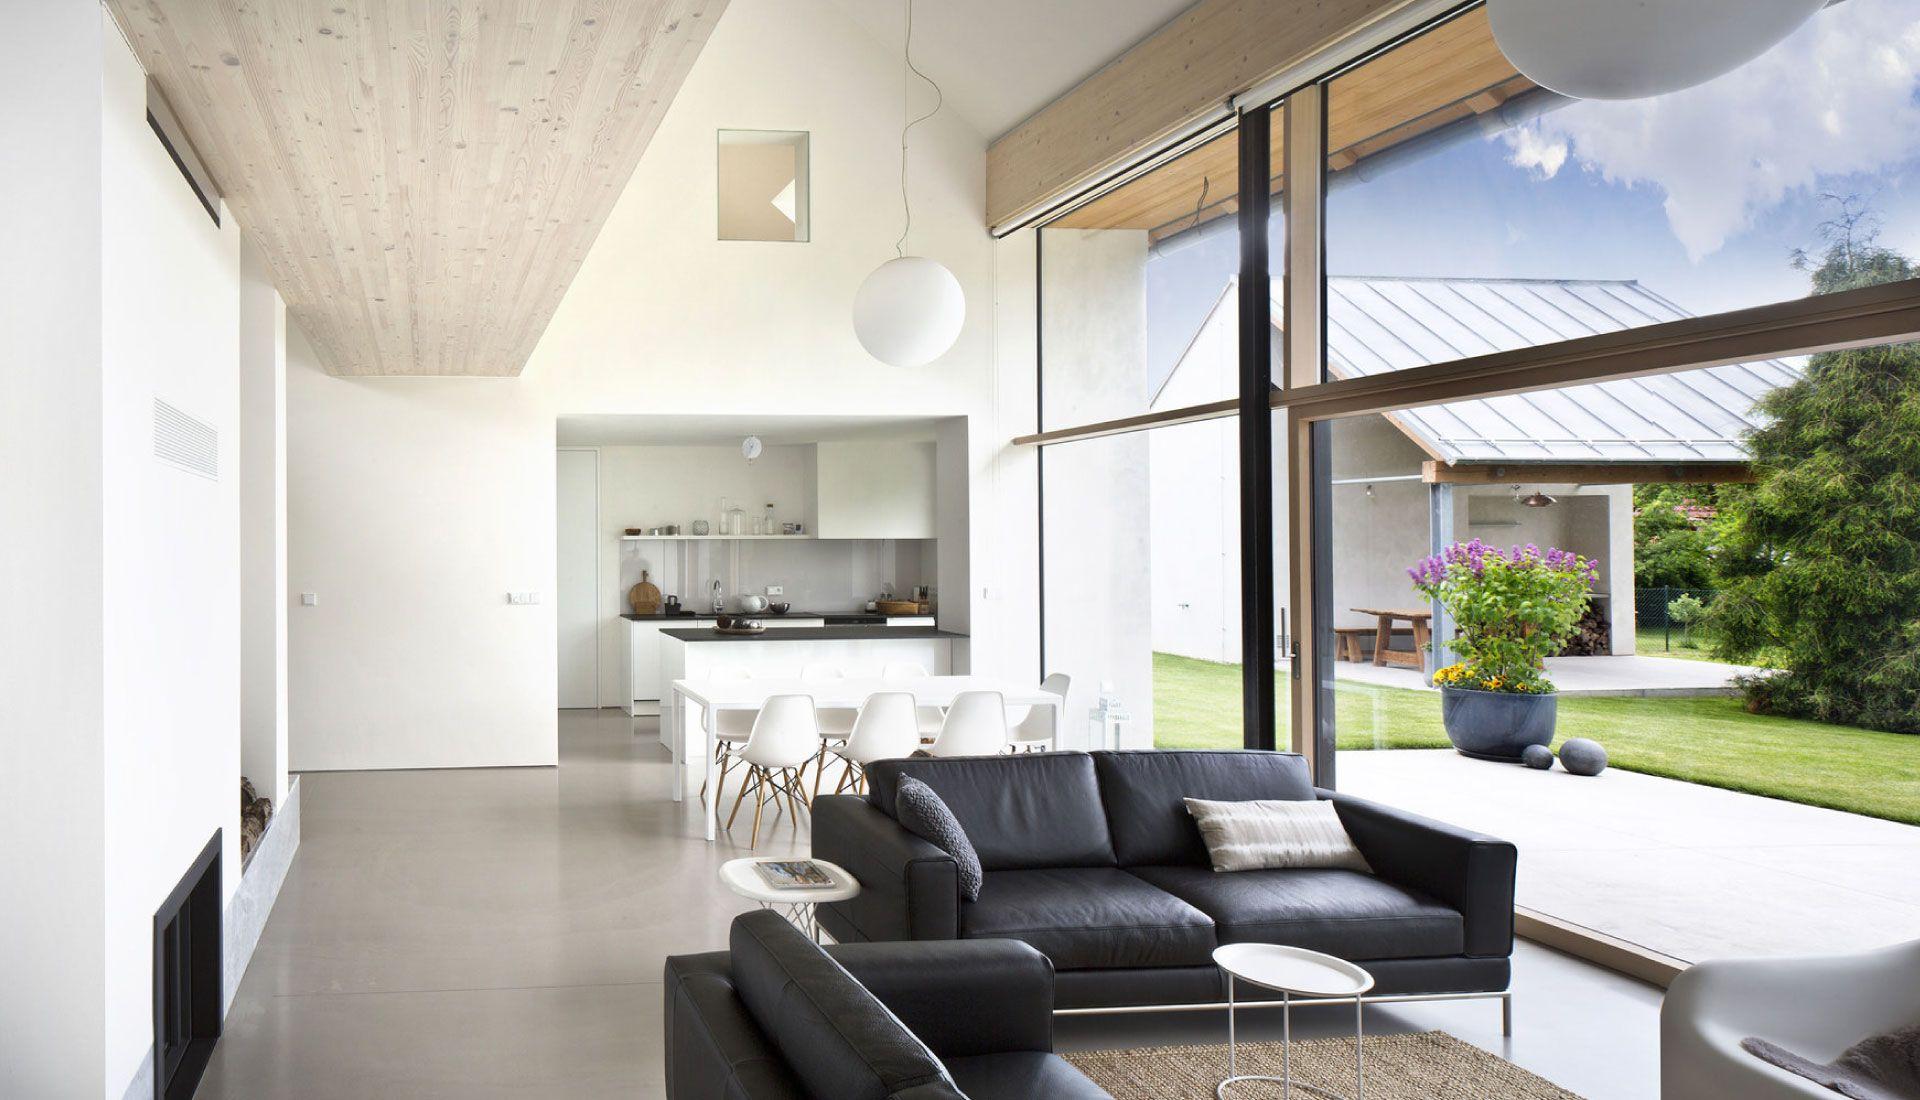 Presupuesto de construcción de vivienda en Sevilla